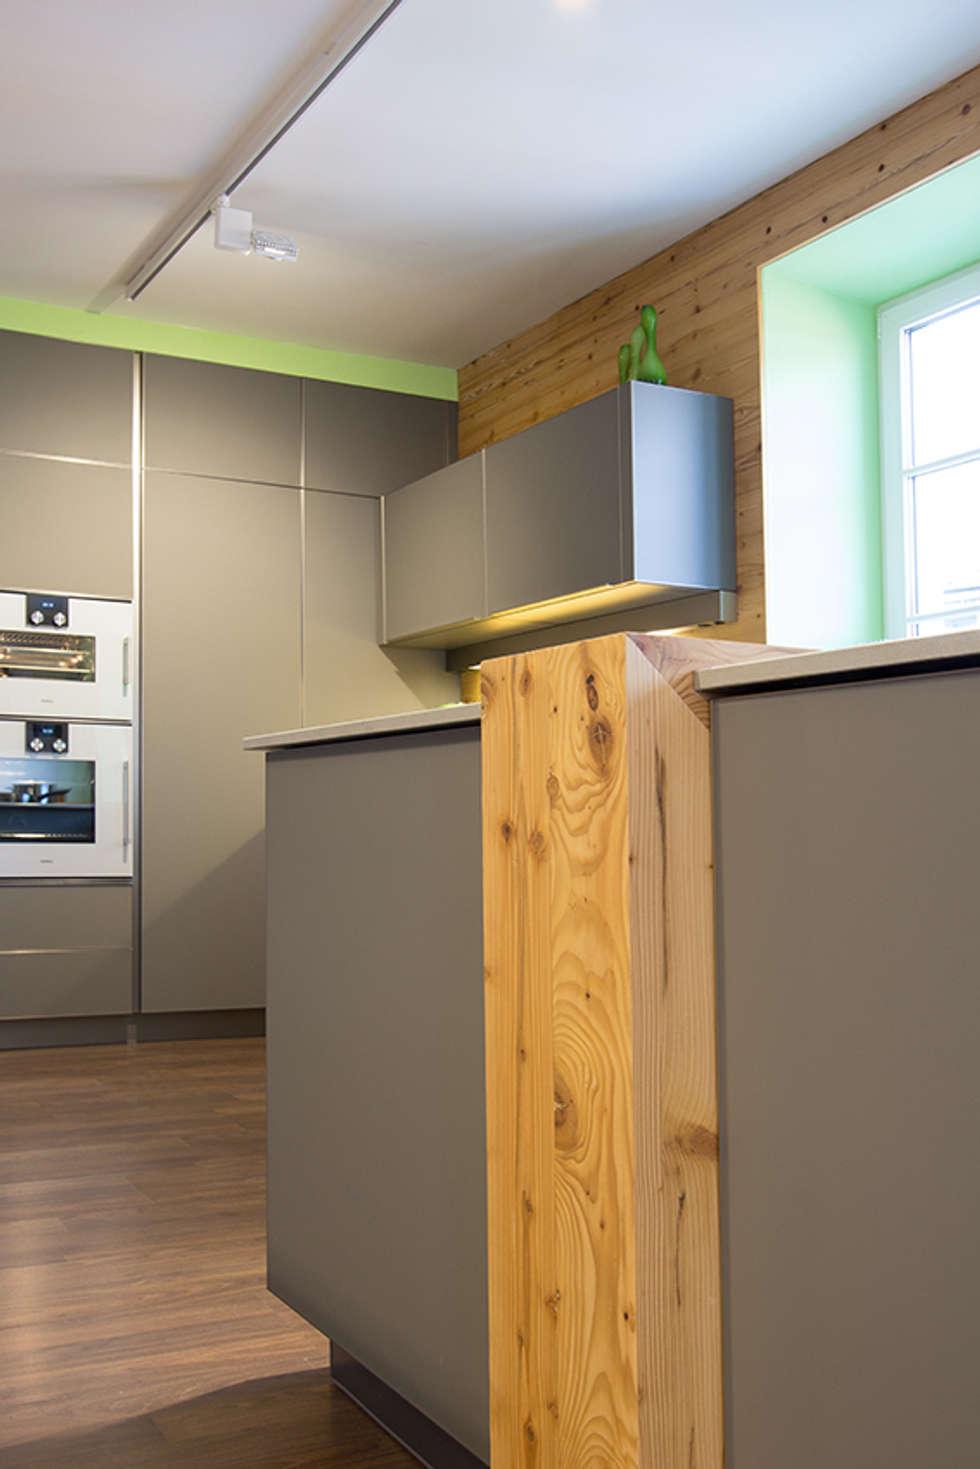 Küche mit altholz: moderne küche von atelier für küchen & wohnkultur ...